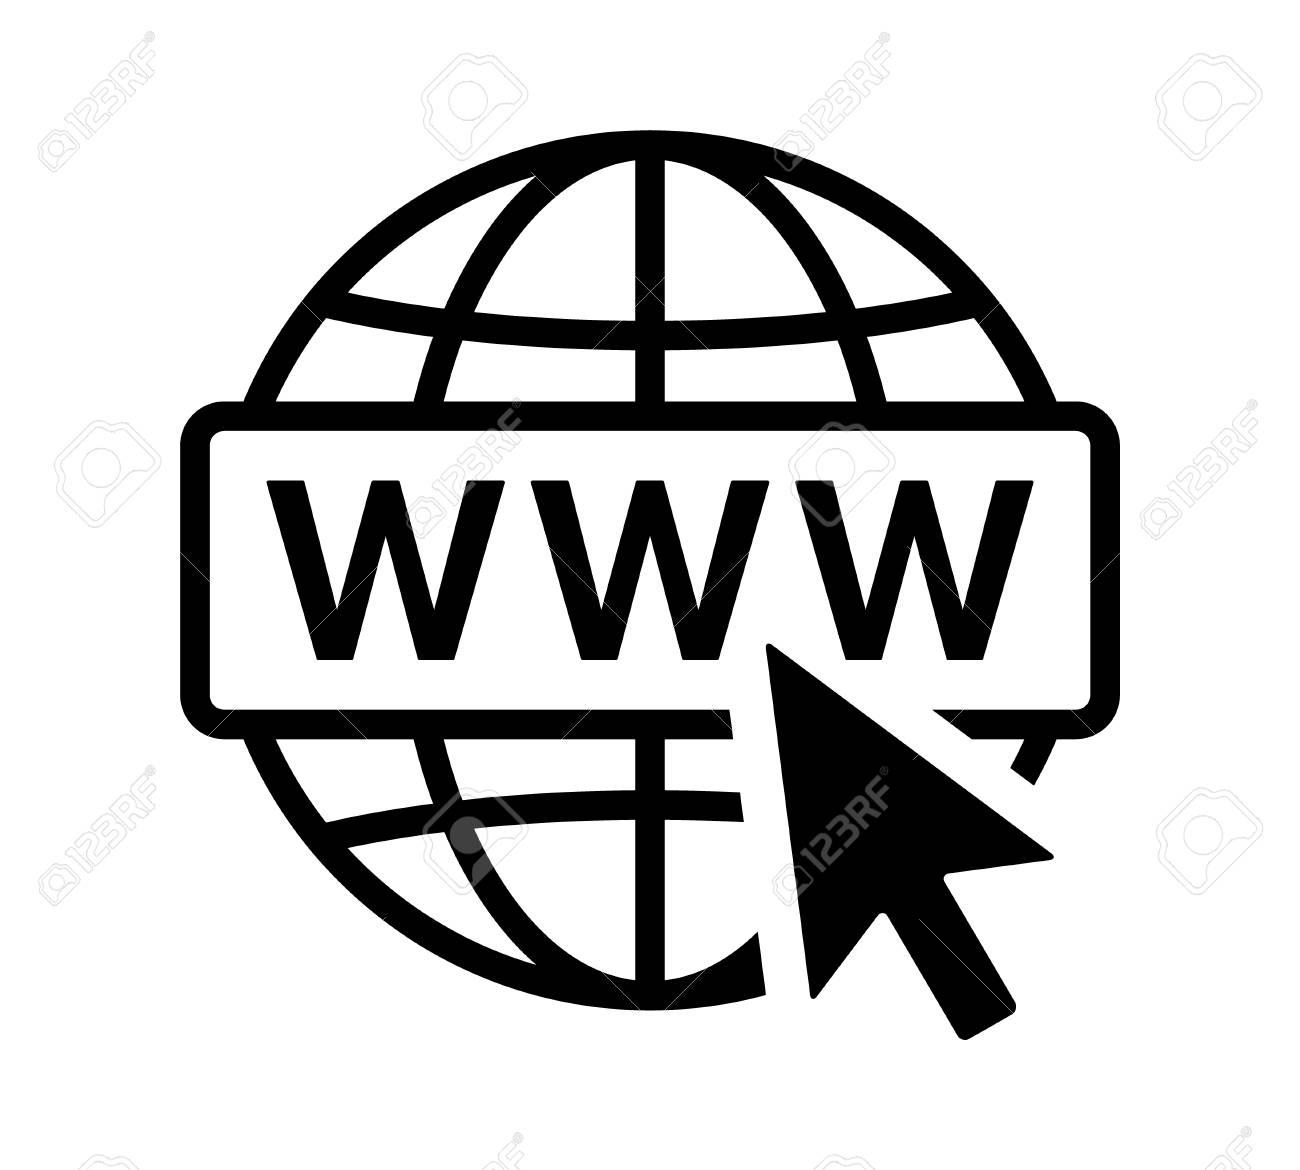 """Résultat de recherche d'images pour """"icone site web"""""""